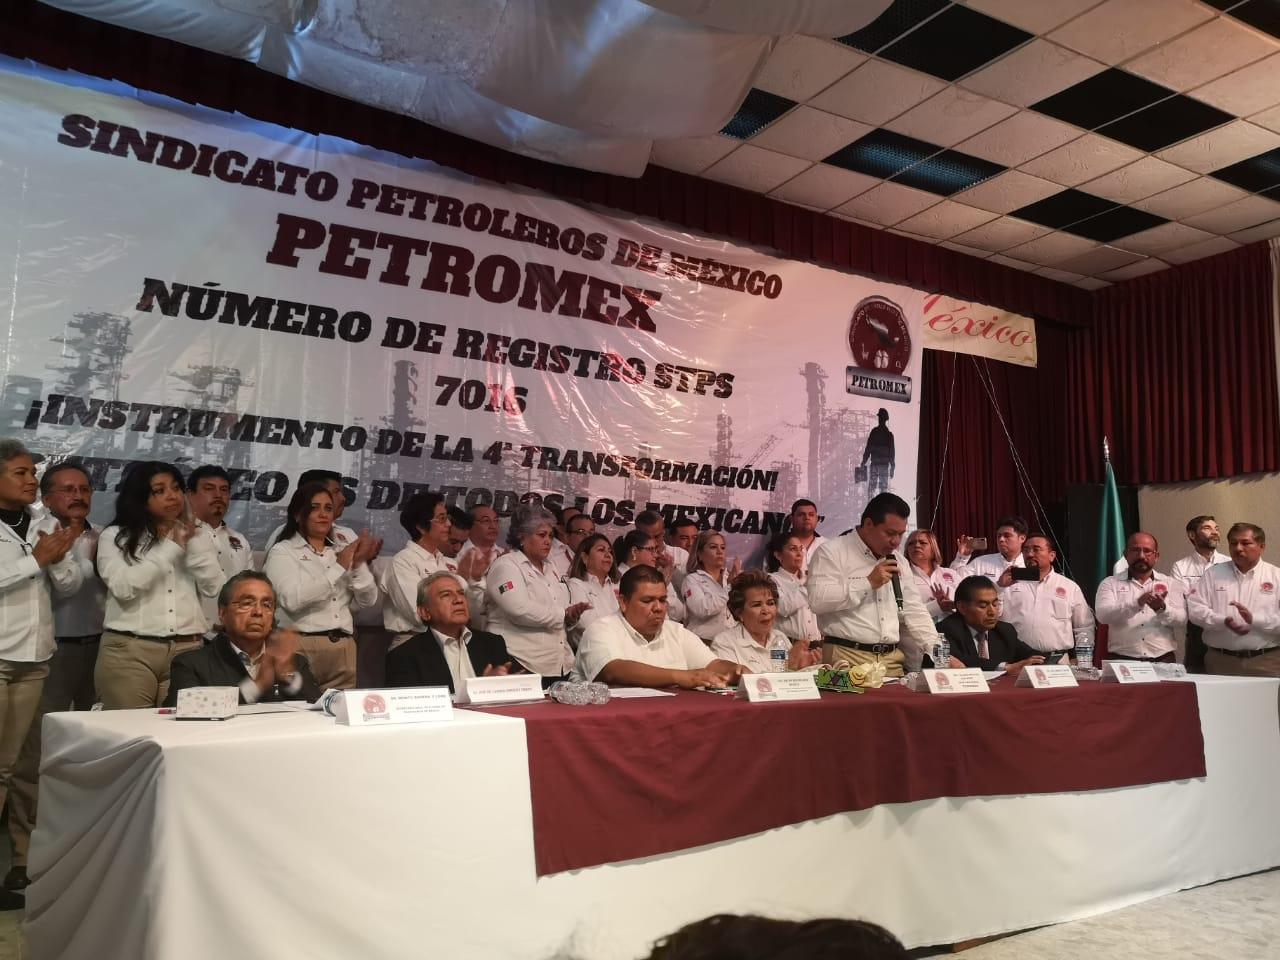 Denuncian que se agrava acoso contra trabajadores afiliados a Petromex